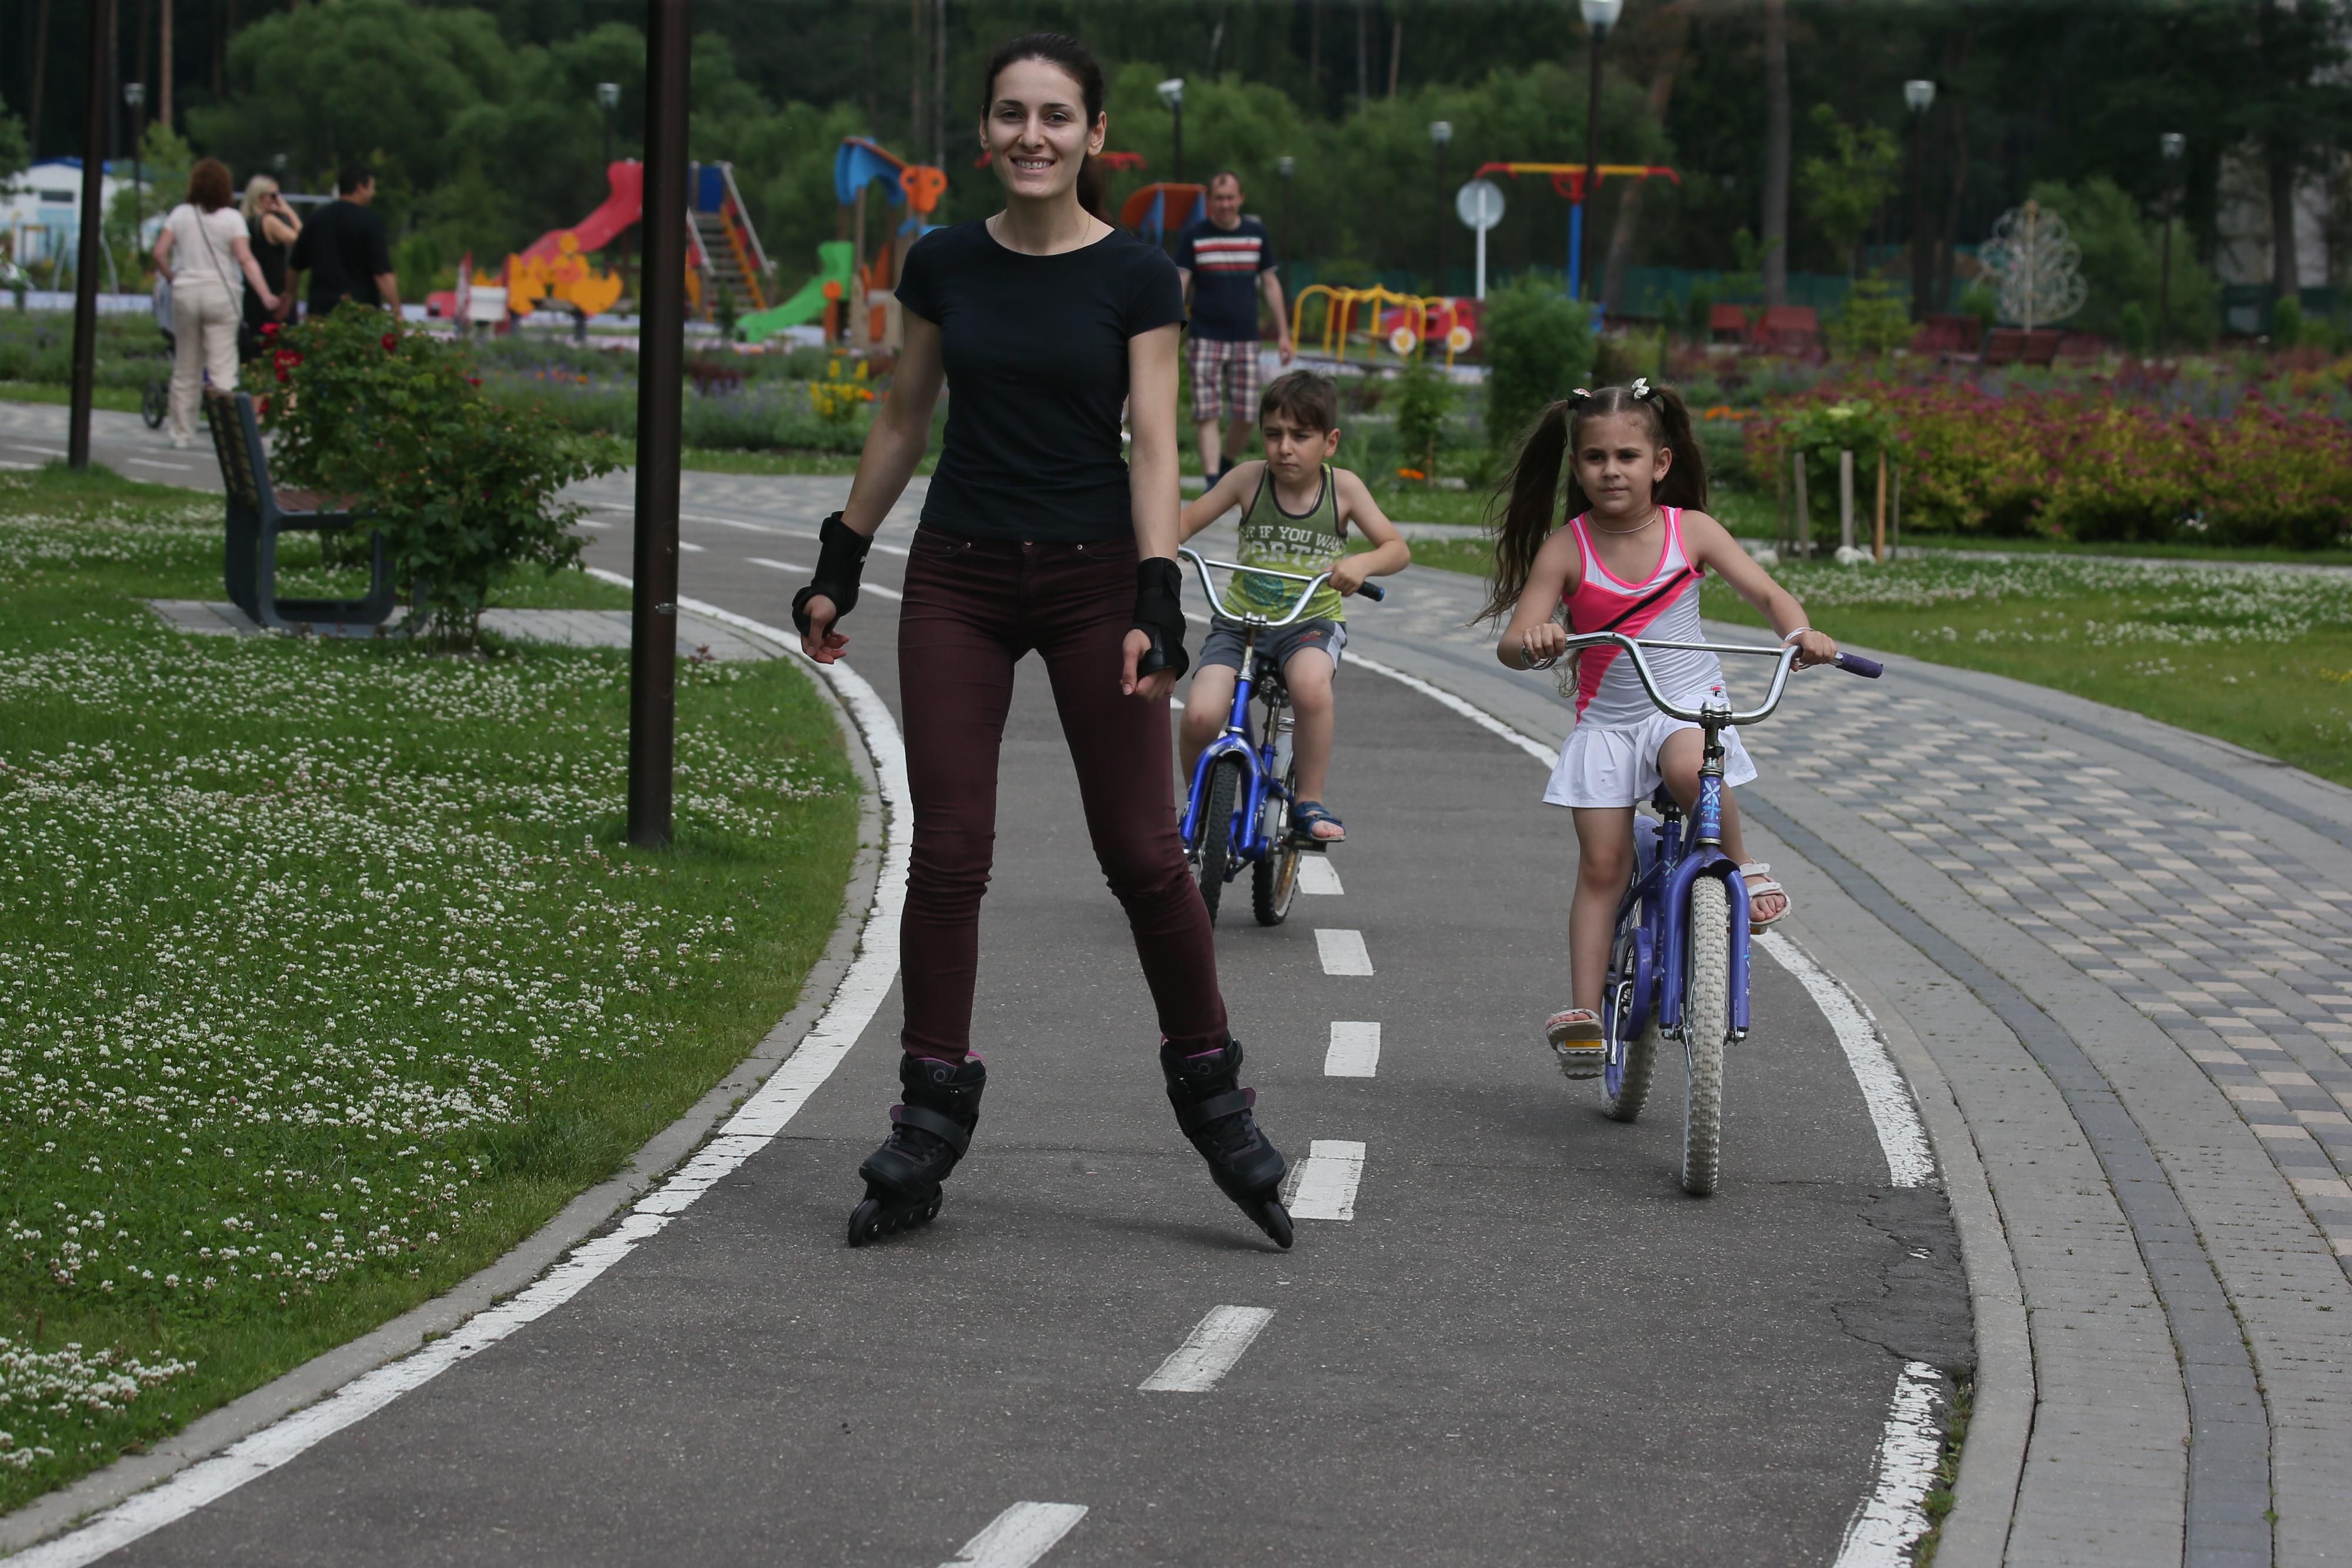 15 июля 2017 года. Новофедоровское. Выходные в парке «Сосны» скучными не бывают. Фото: Виктор Хабаров